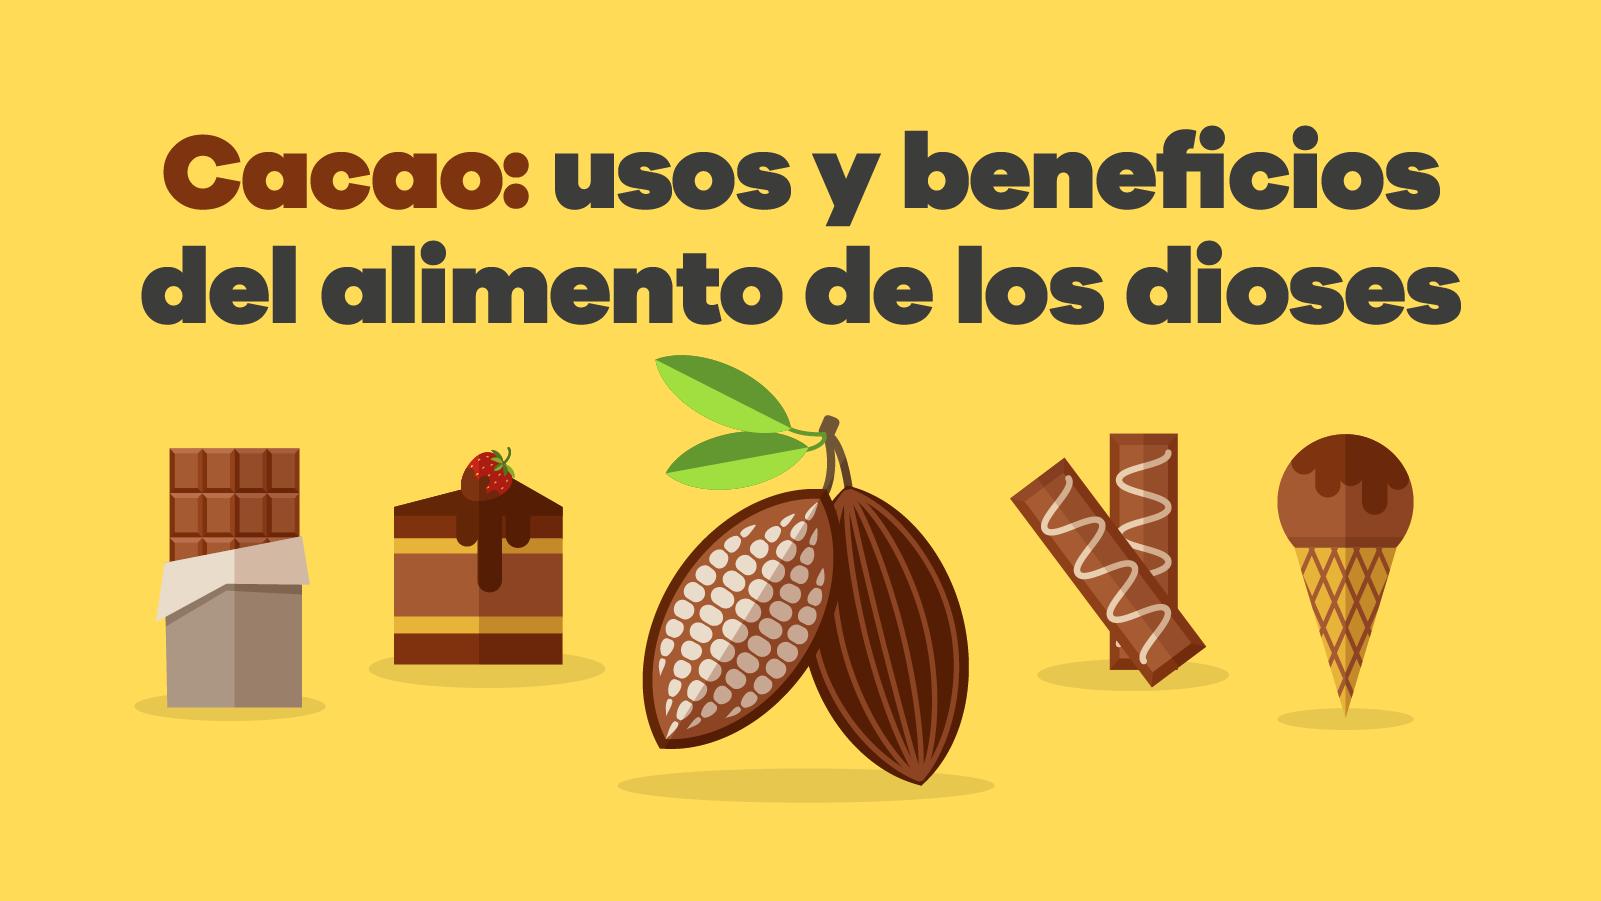 usos del cacao 02 (2)